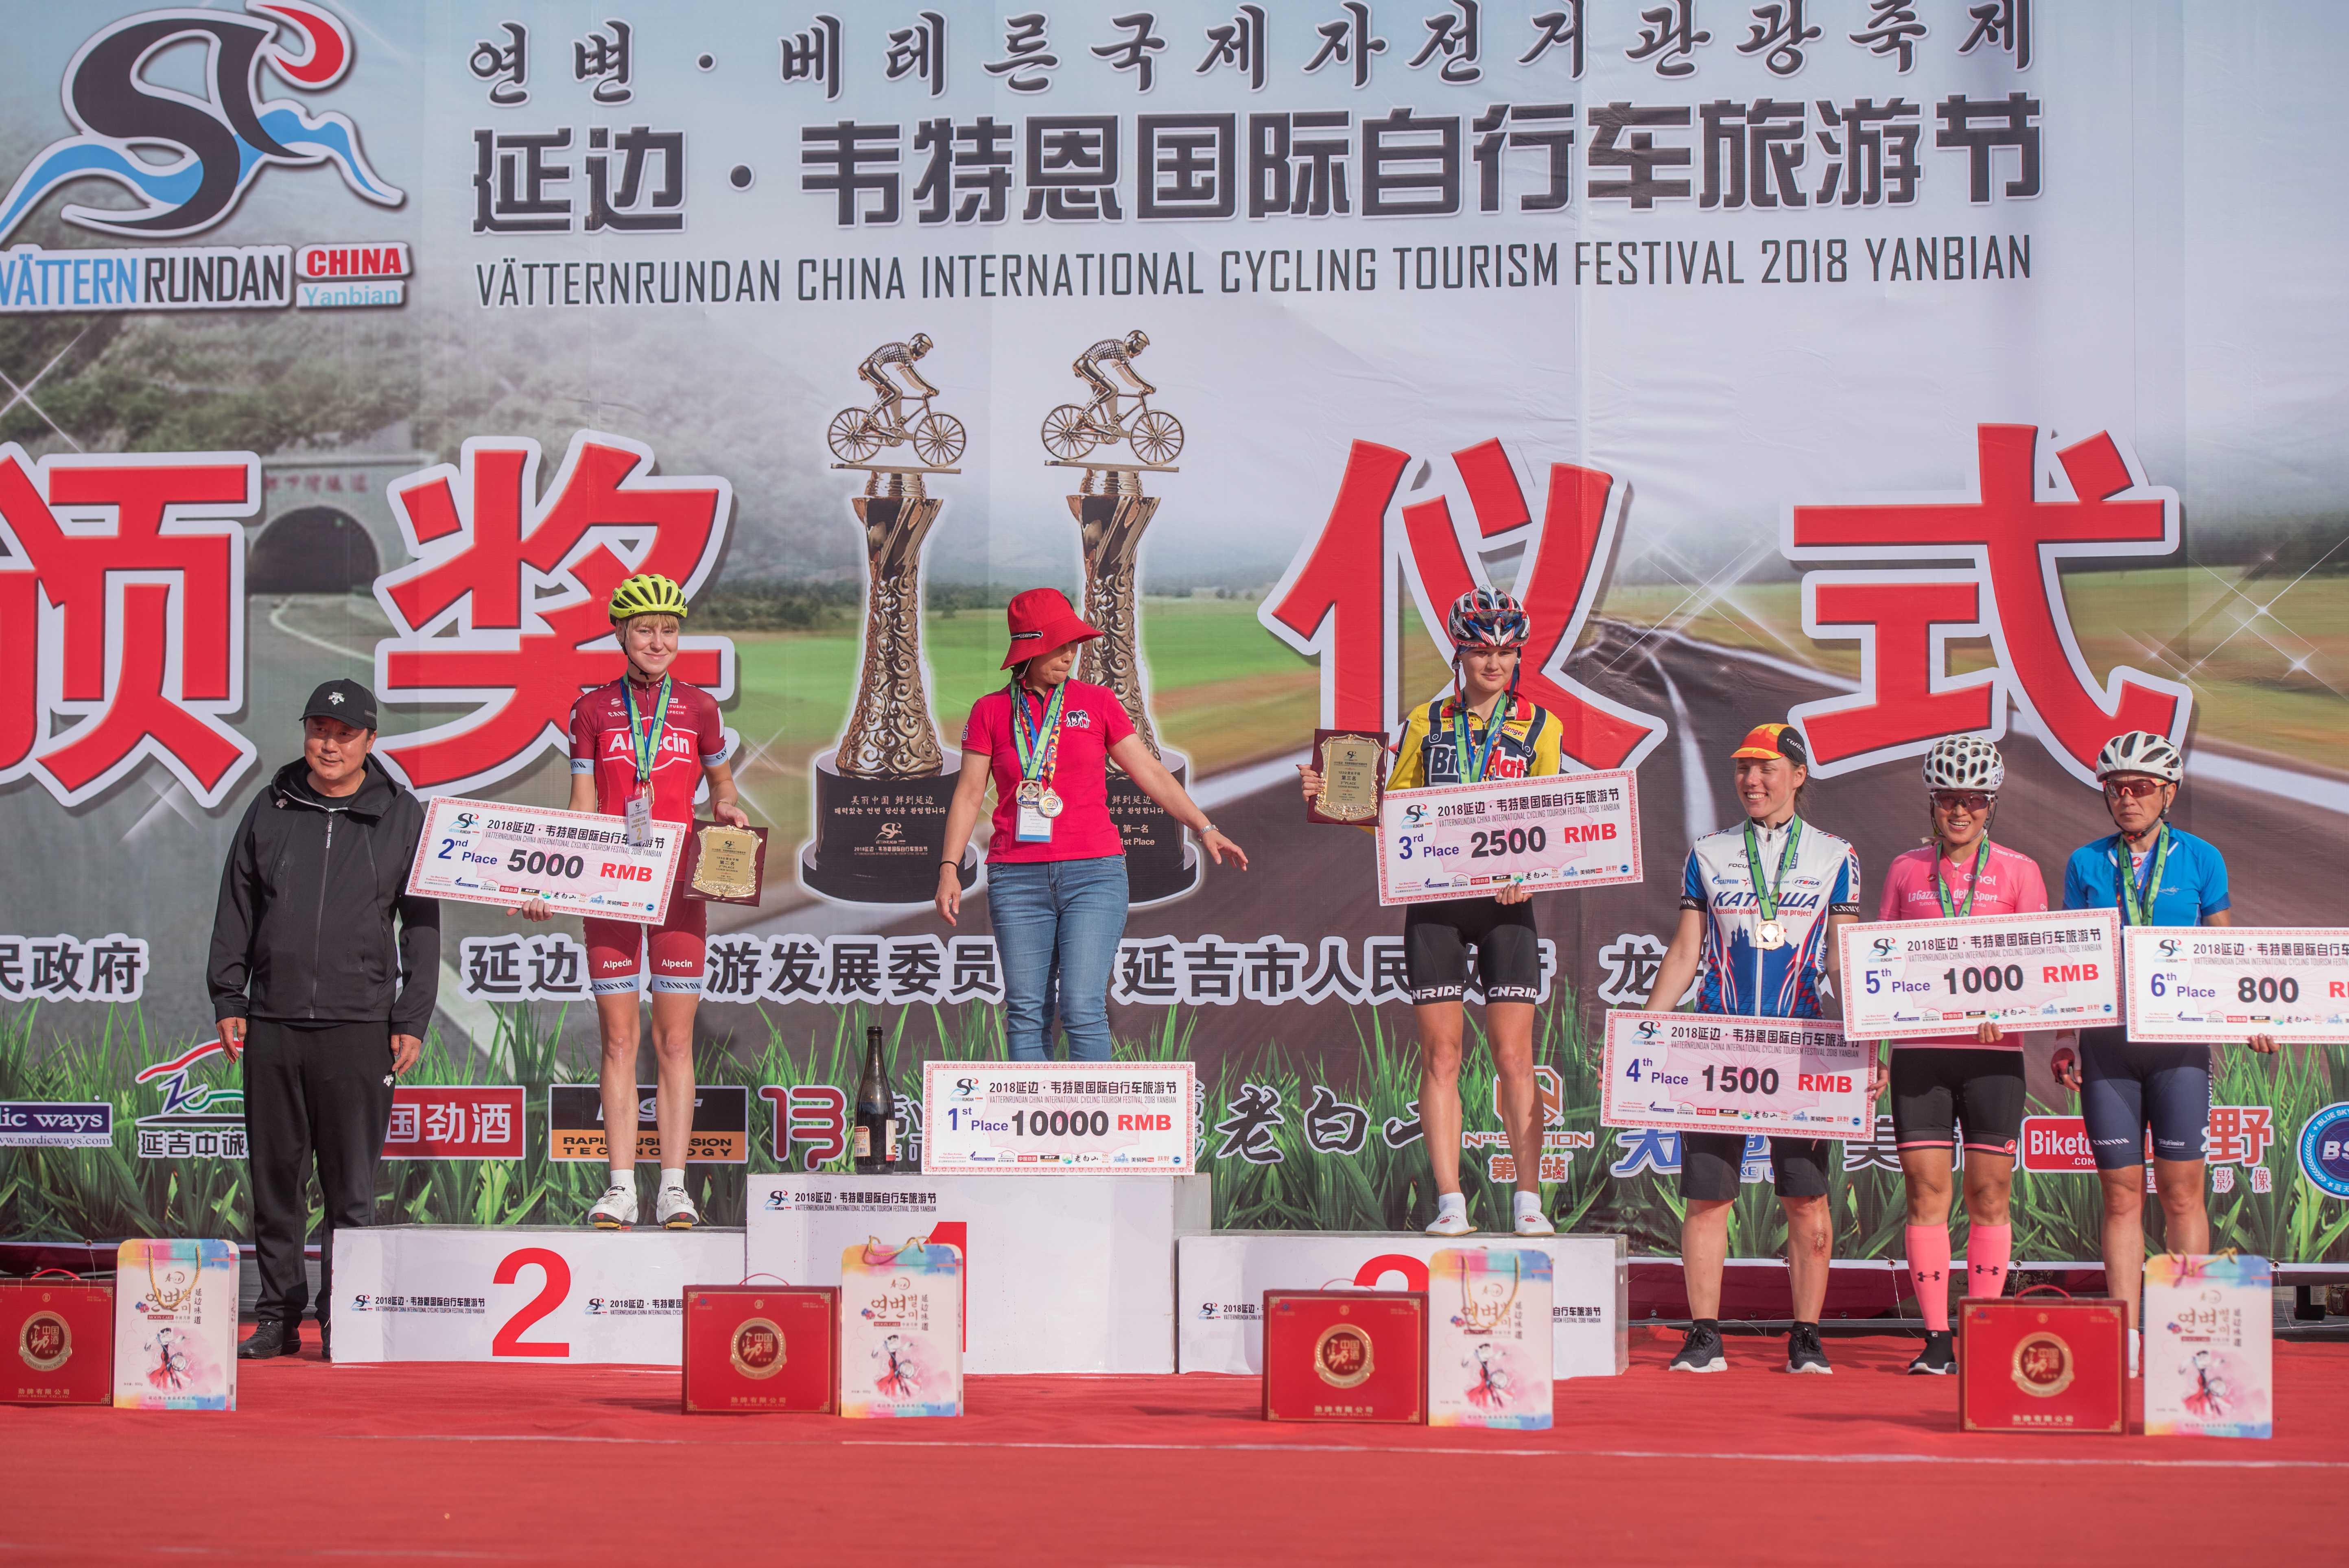 Vatternrundan China Yanbian International Cycling Tourism